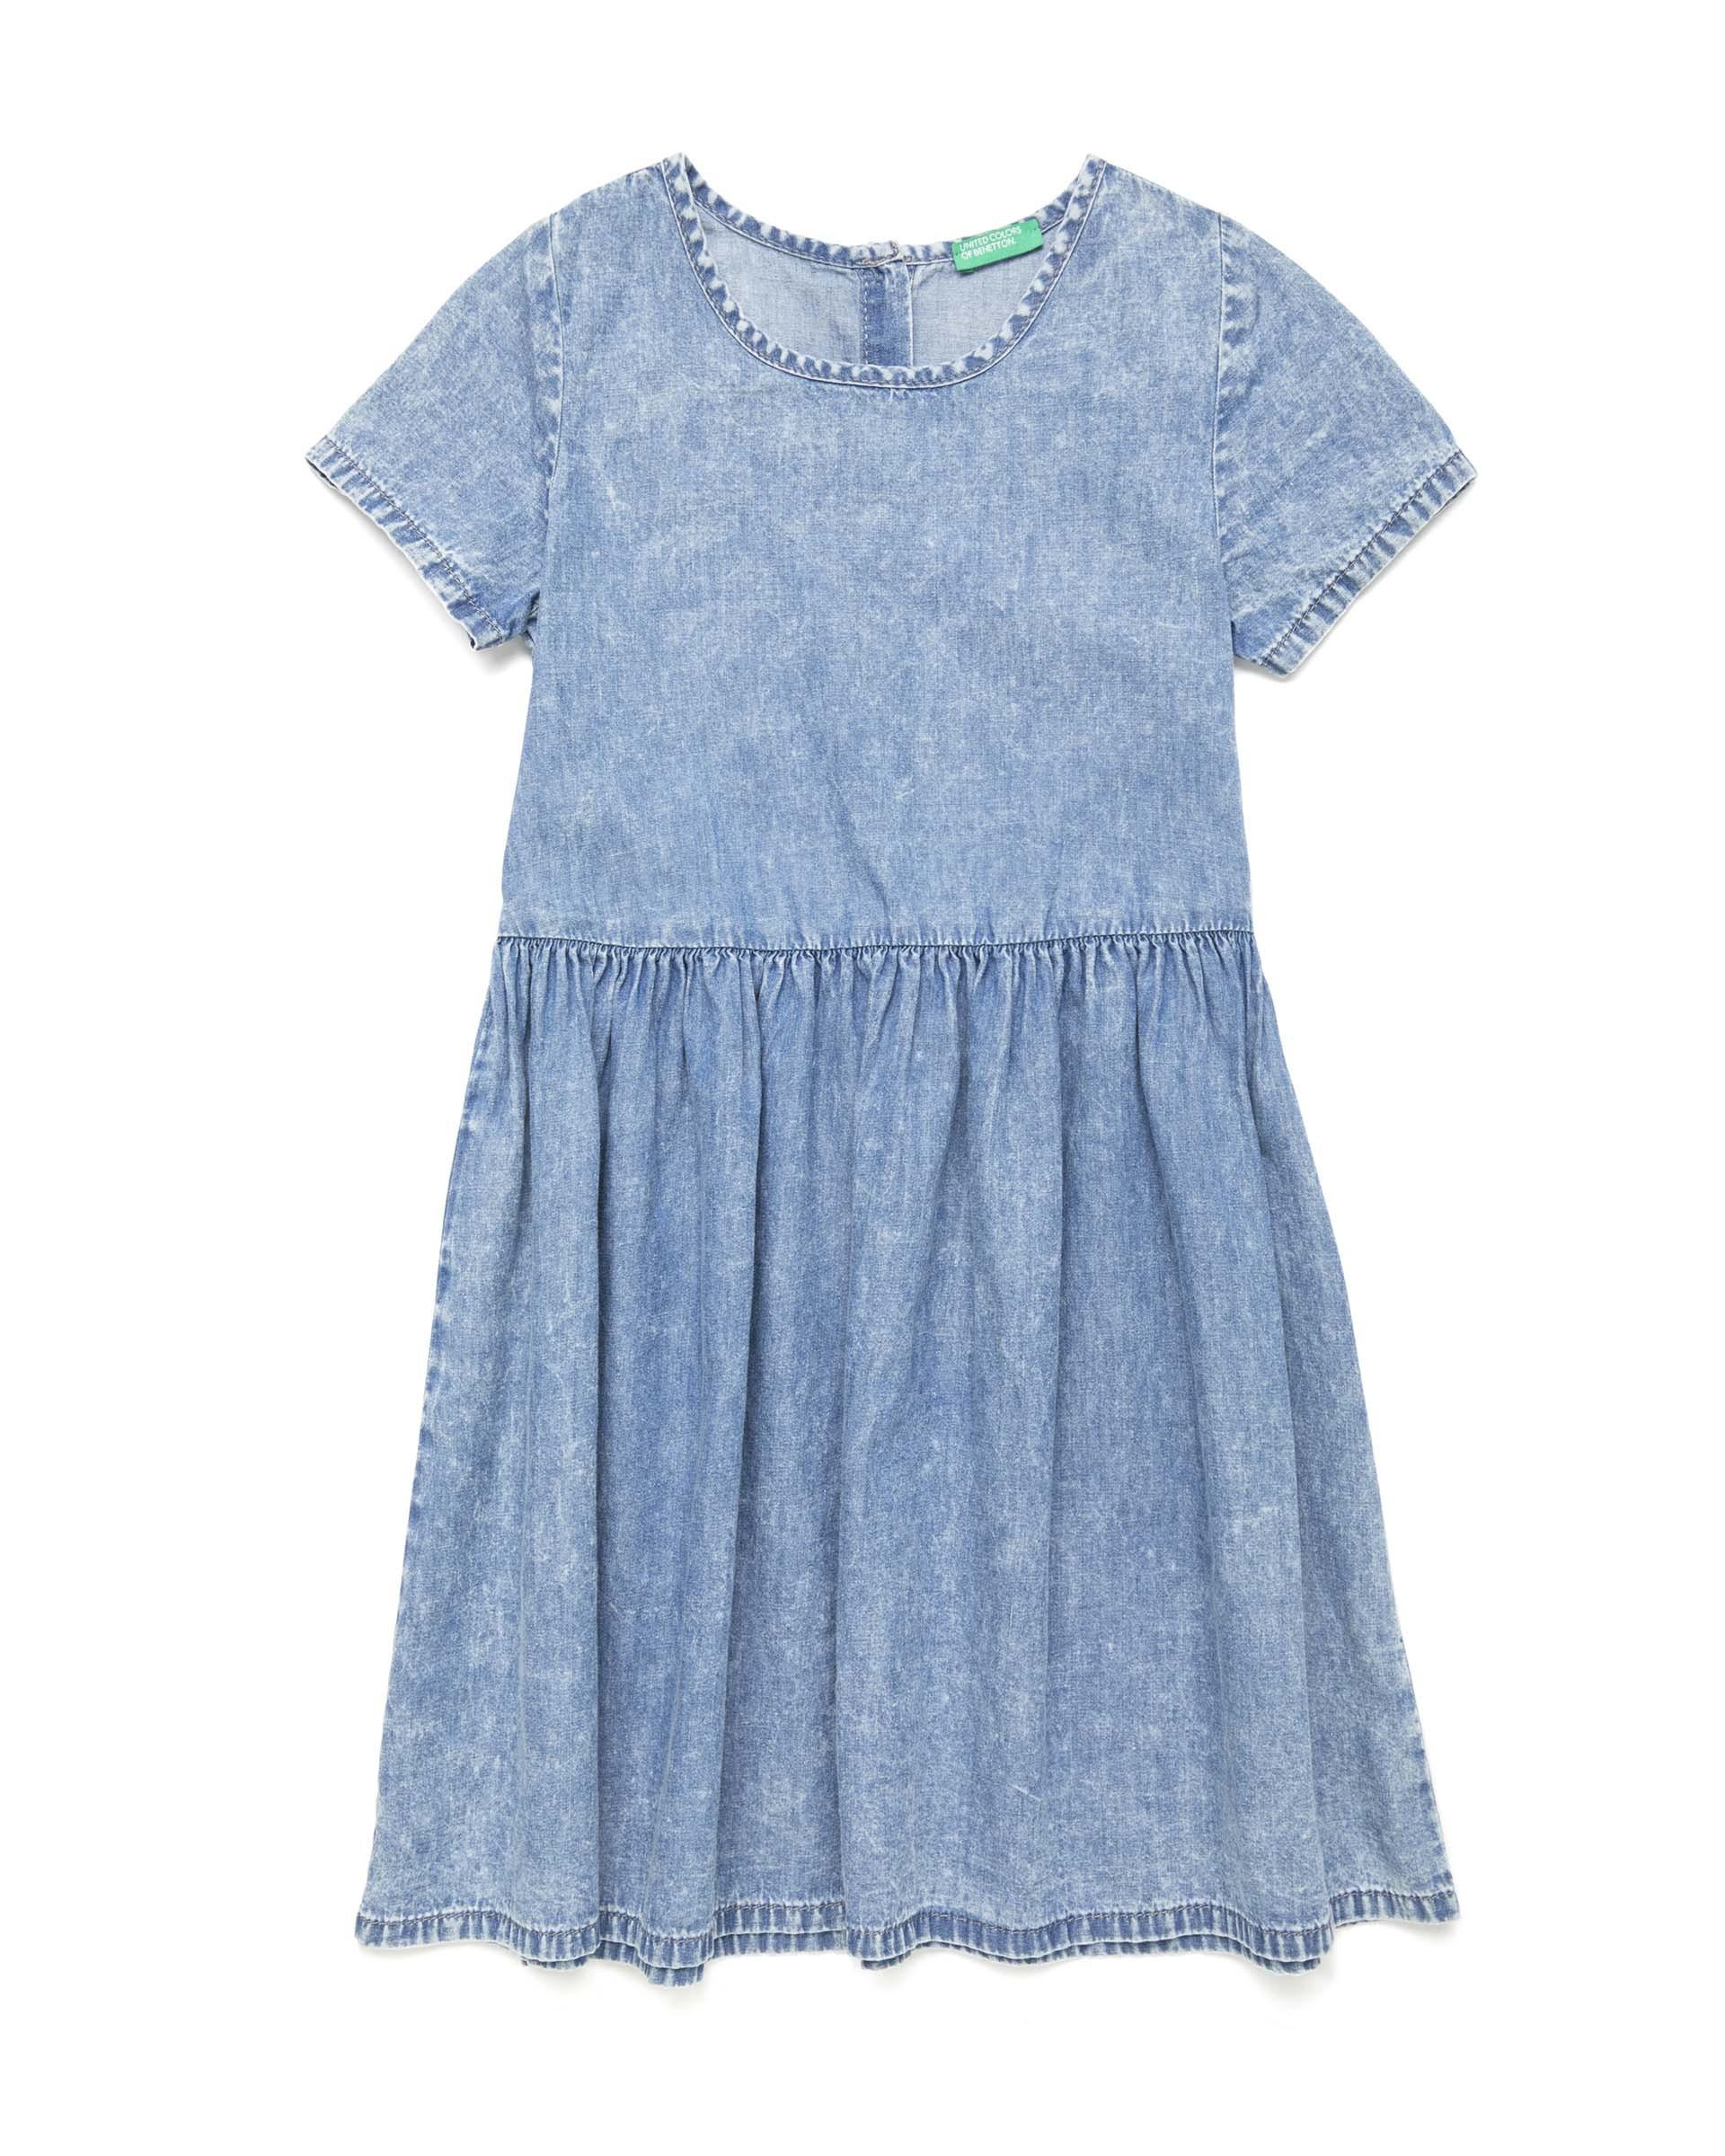 Купить 20P_4DHJ5VDD0_901, Платье для девочек Benetton 4DHJ5VDD0_901 р-р 128, United Colors of Benetton, Платья для девочек